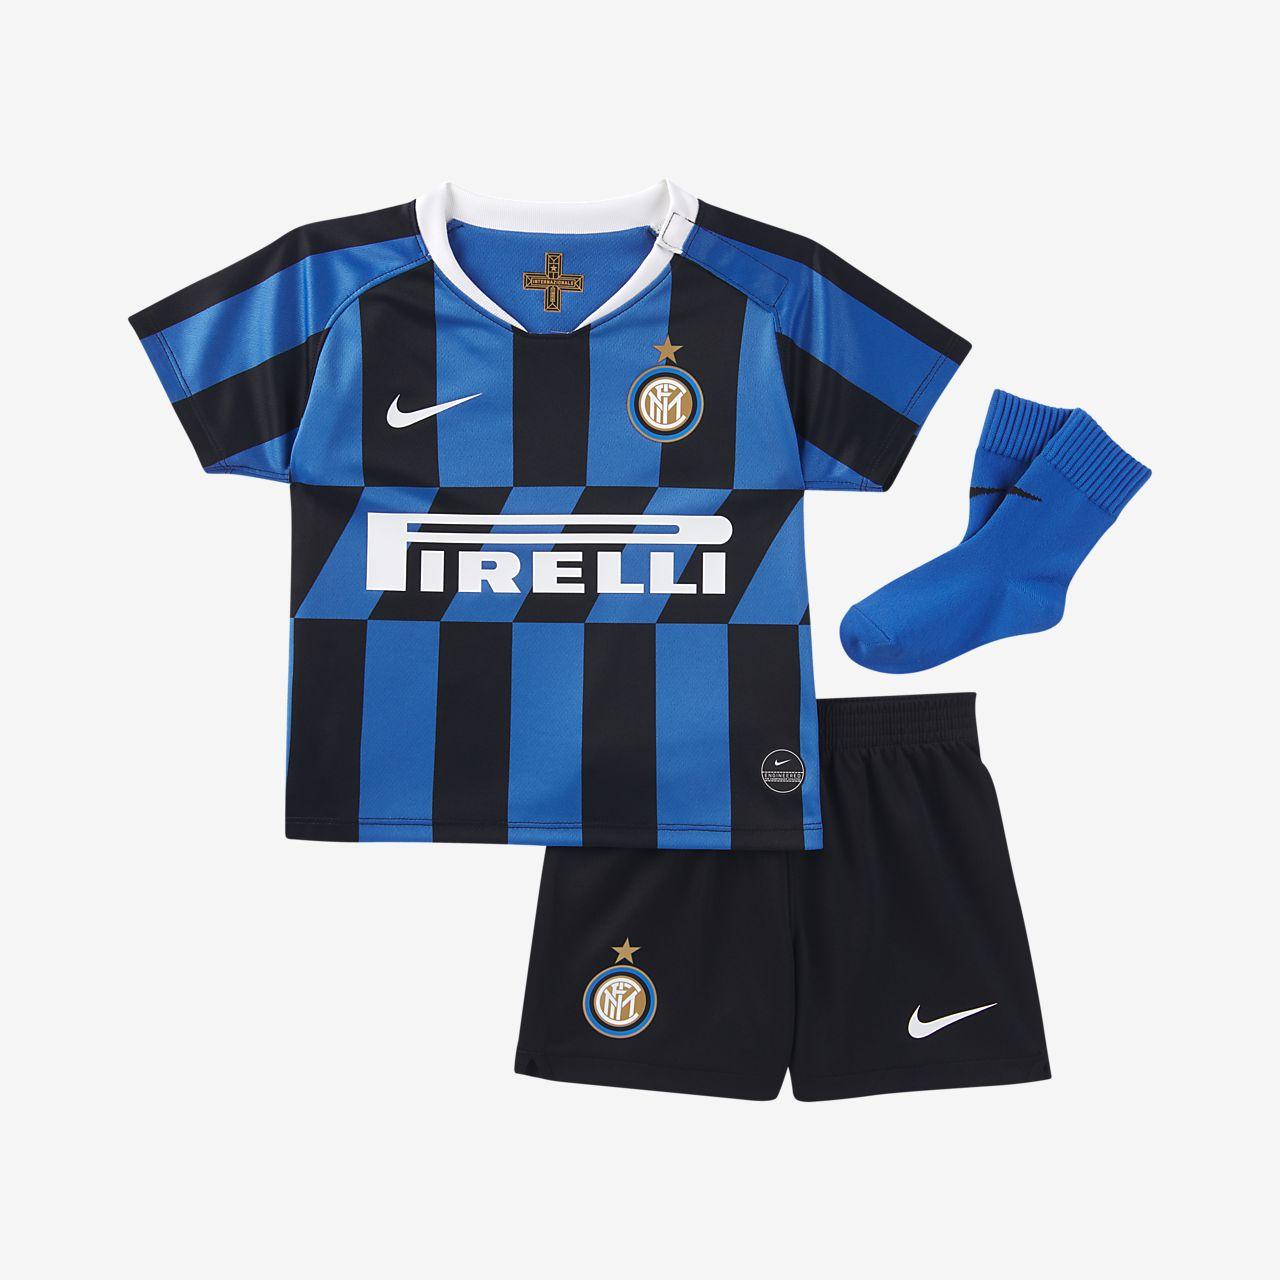 Ποδοσφαιρικό σετ Inter Milan 2019/20 Home για βρέφη και νήπια